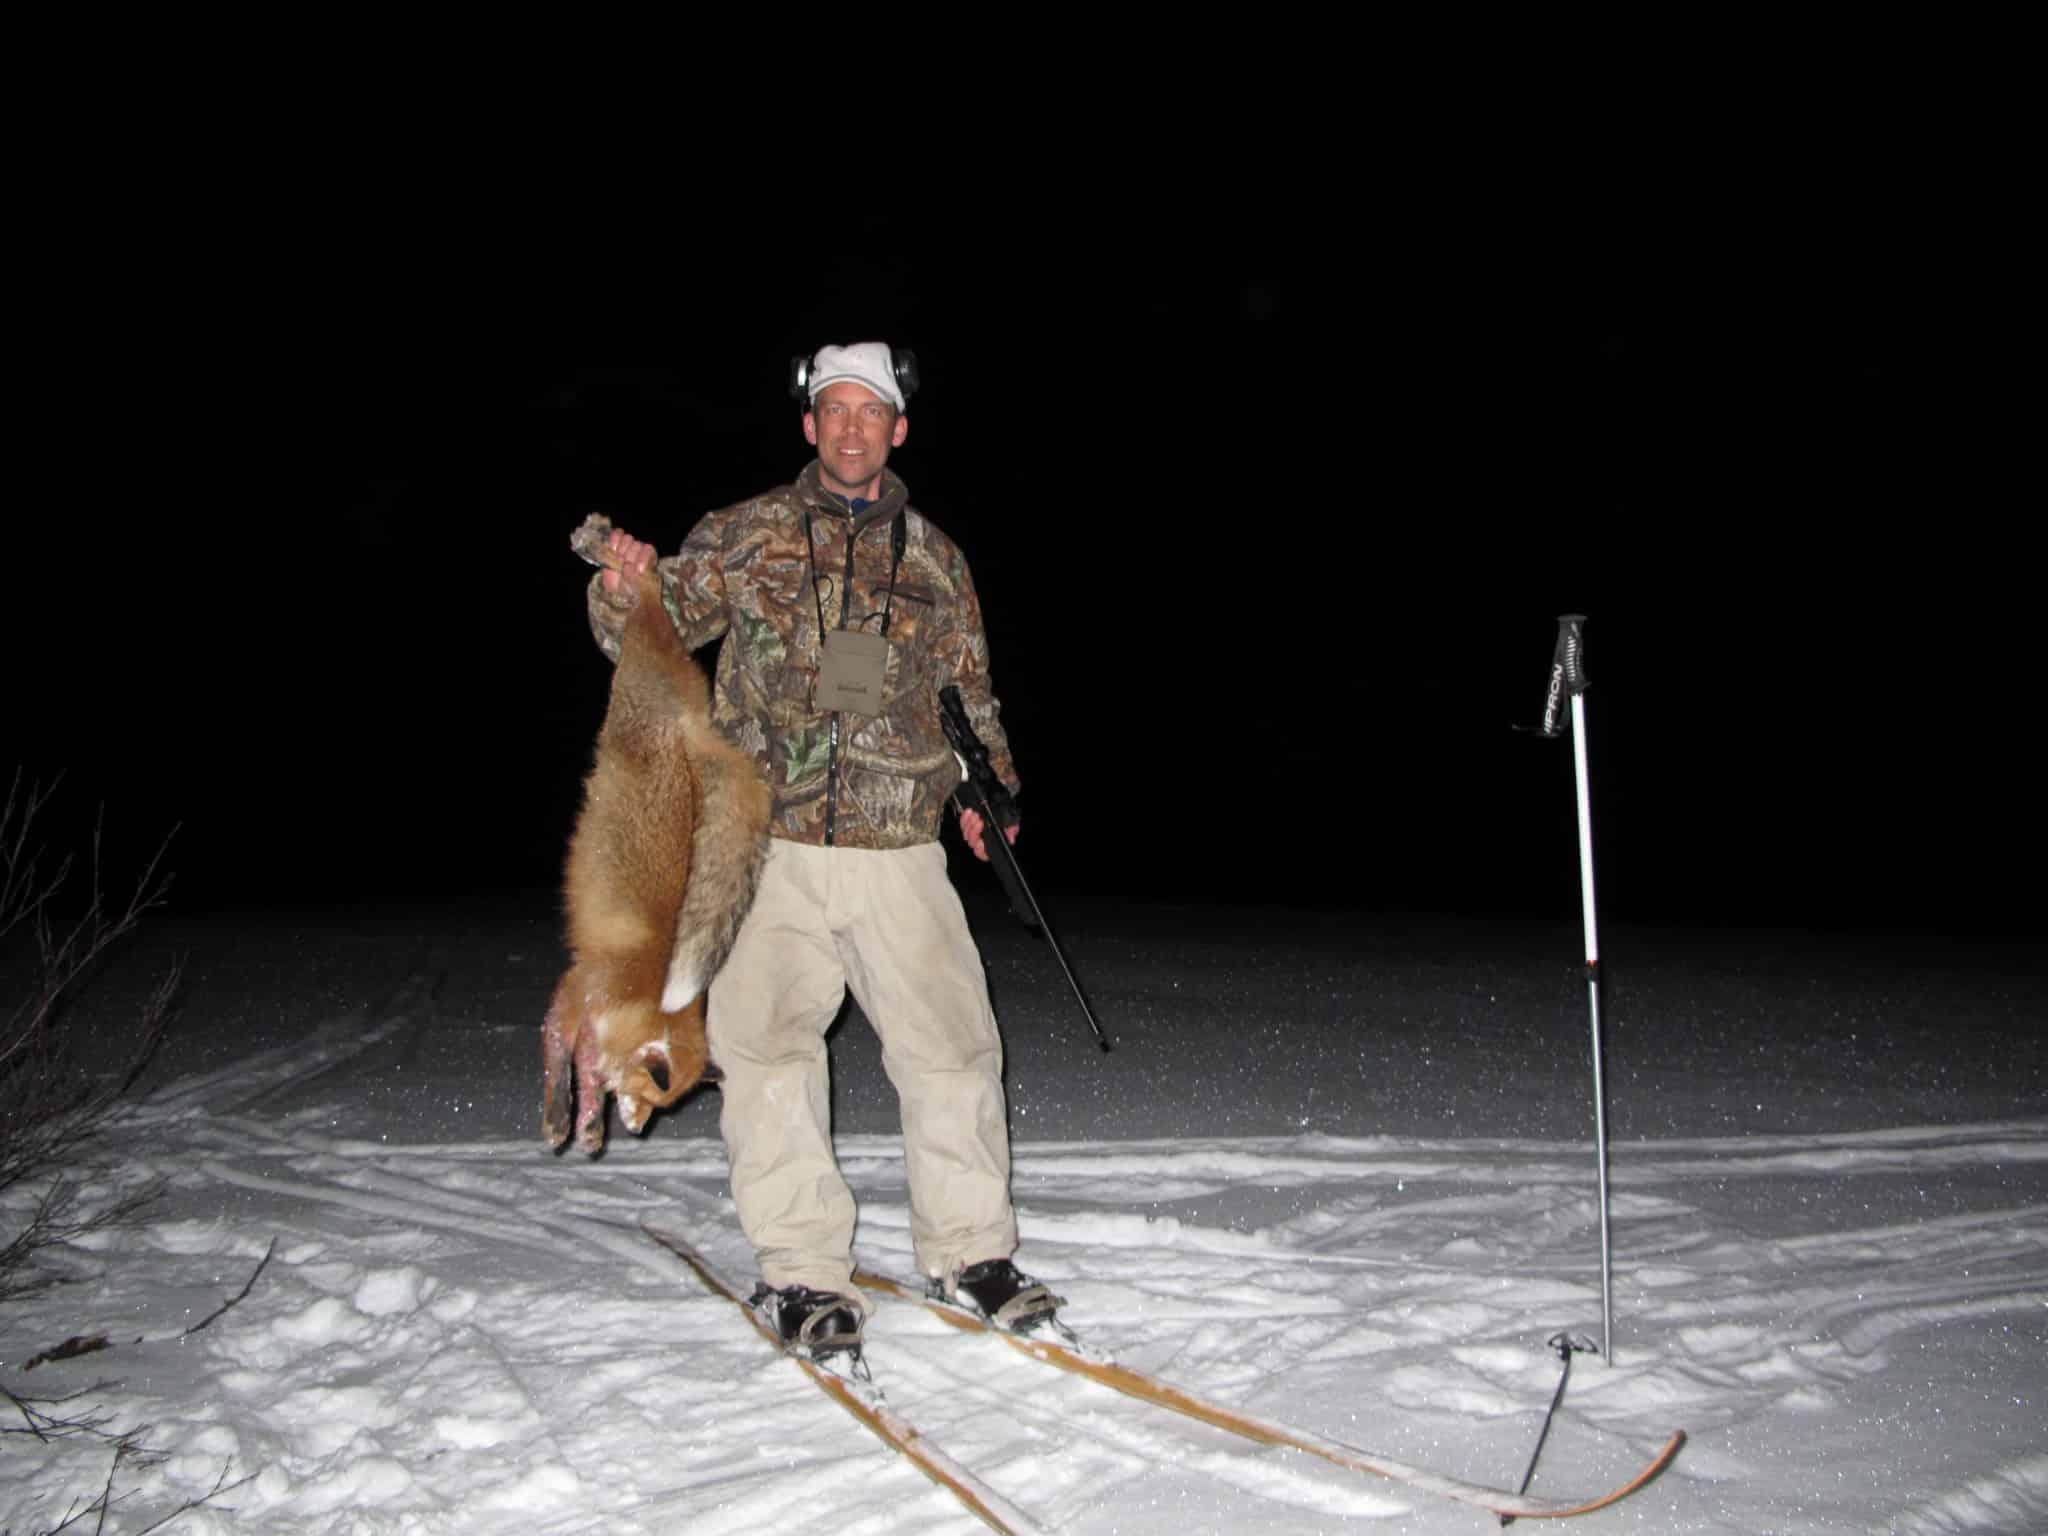 Ett lockpass efter ripjaktsdagens slut kan förstås också ge räv. Har man sett spår som pekar mot ett särskilt område kan det till och med vara effektivt.